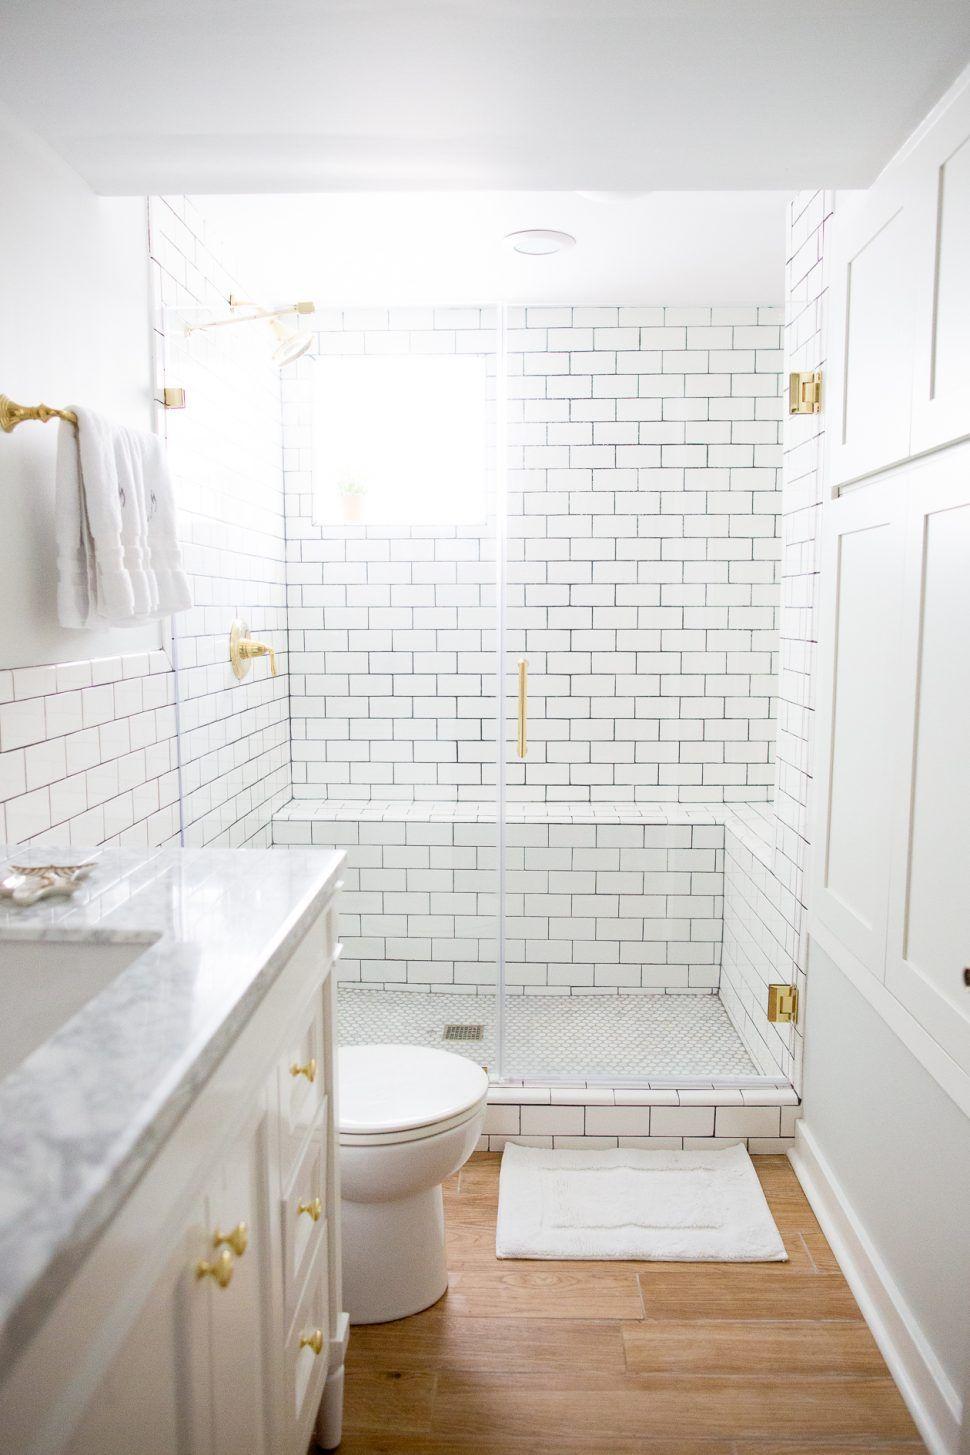 Vintage badezimmer design  Überraschende bilder von badezimmer duschen foto design  mehr